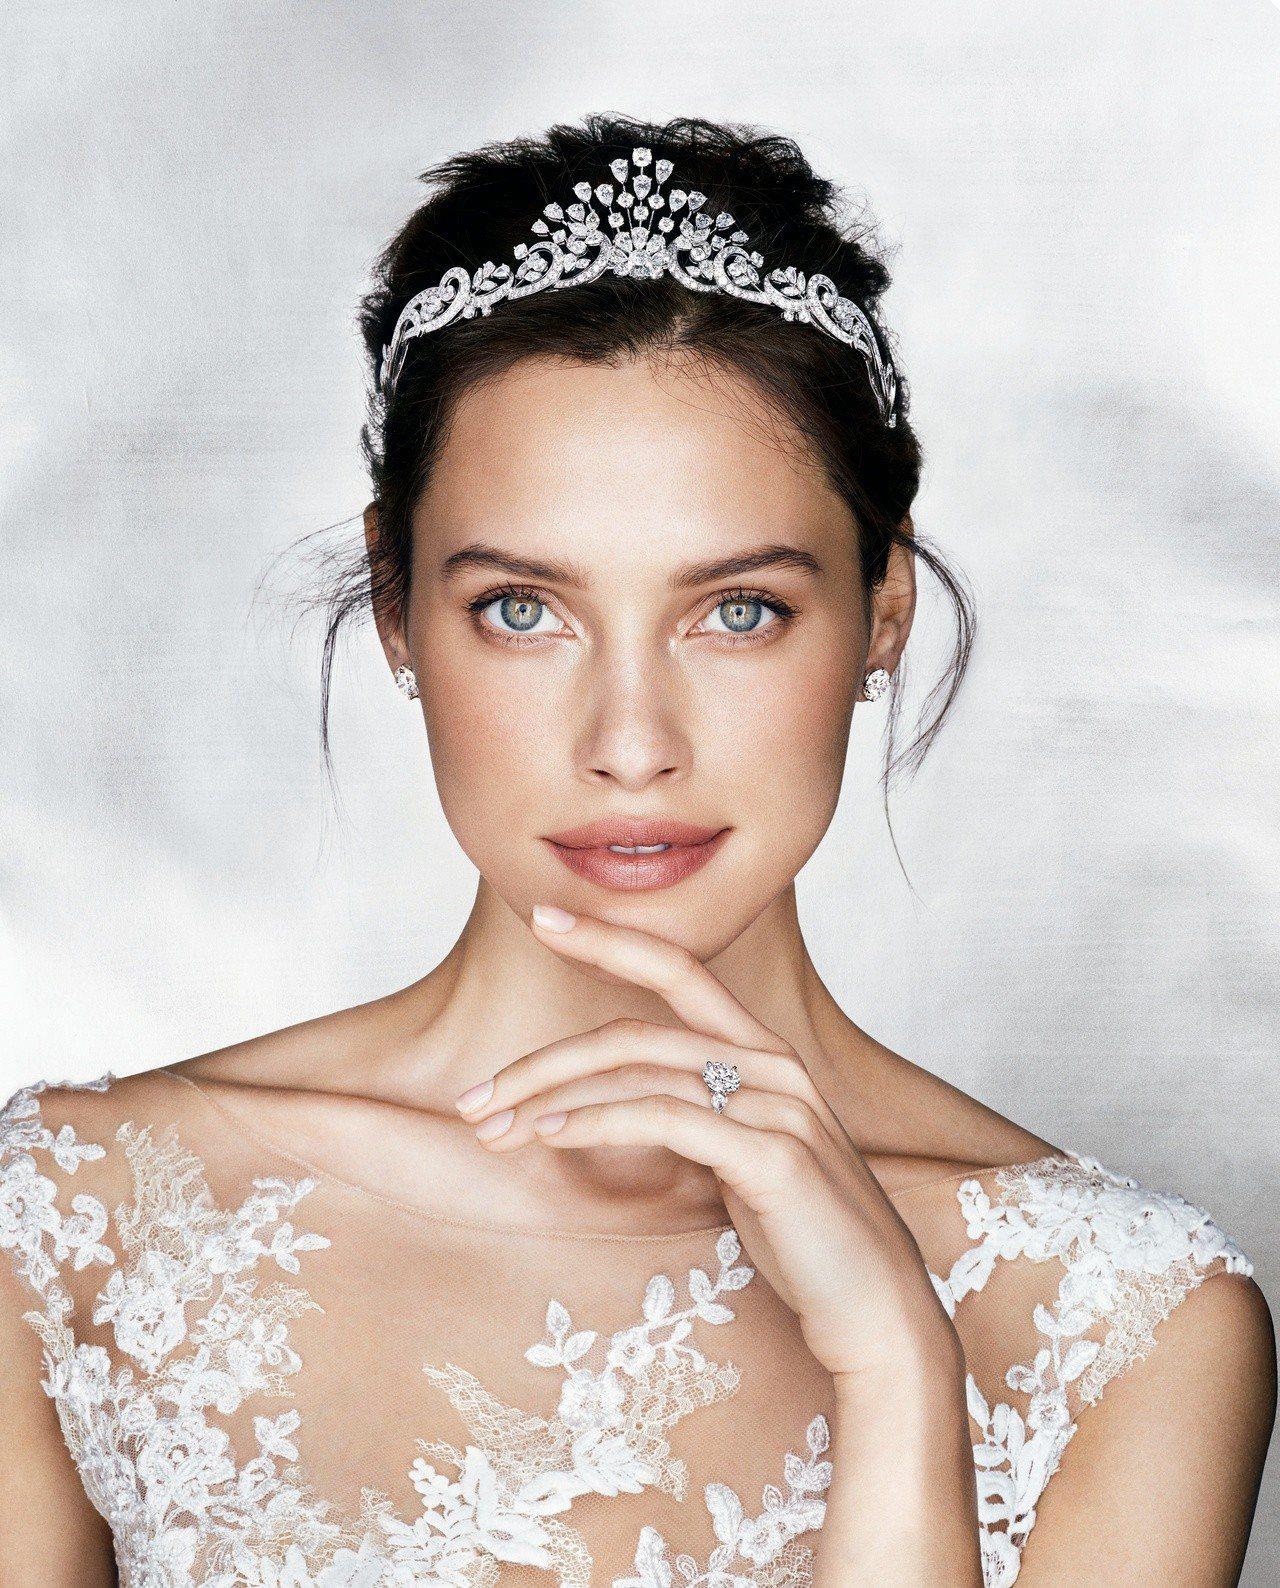 模特兒配戴格拉夫多形切割鑽石卷藤造型后冠,鑽石共重35.79克拉;格拉夫圓形鑽石...